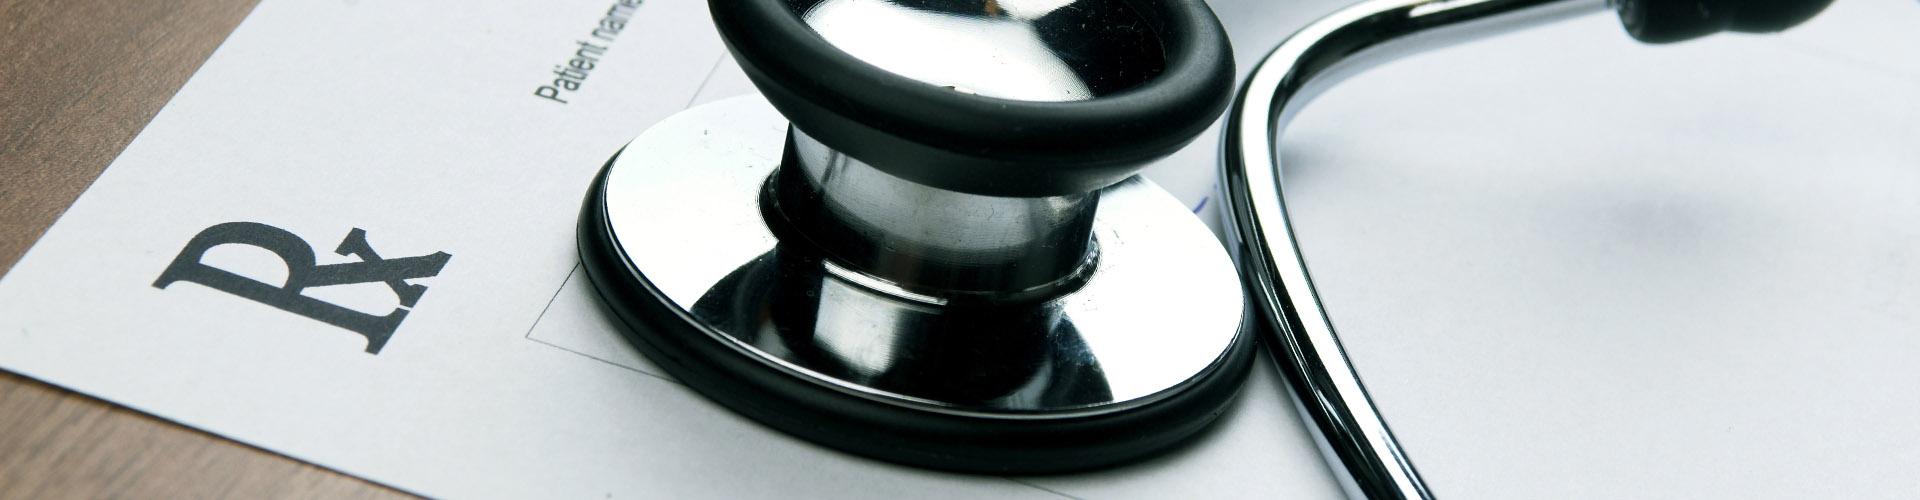 Photo of a prescription slip